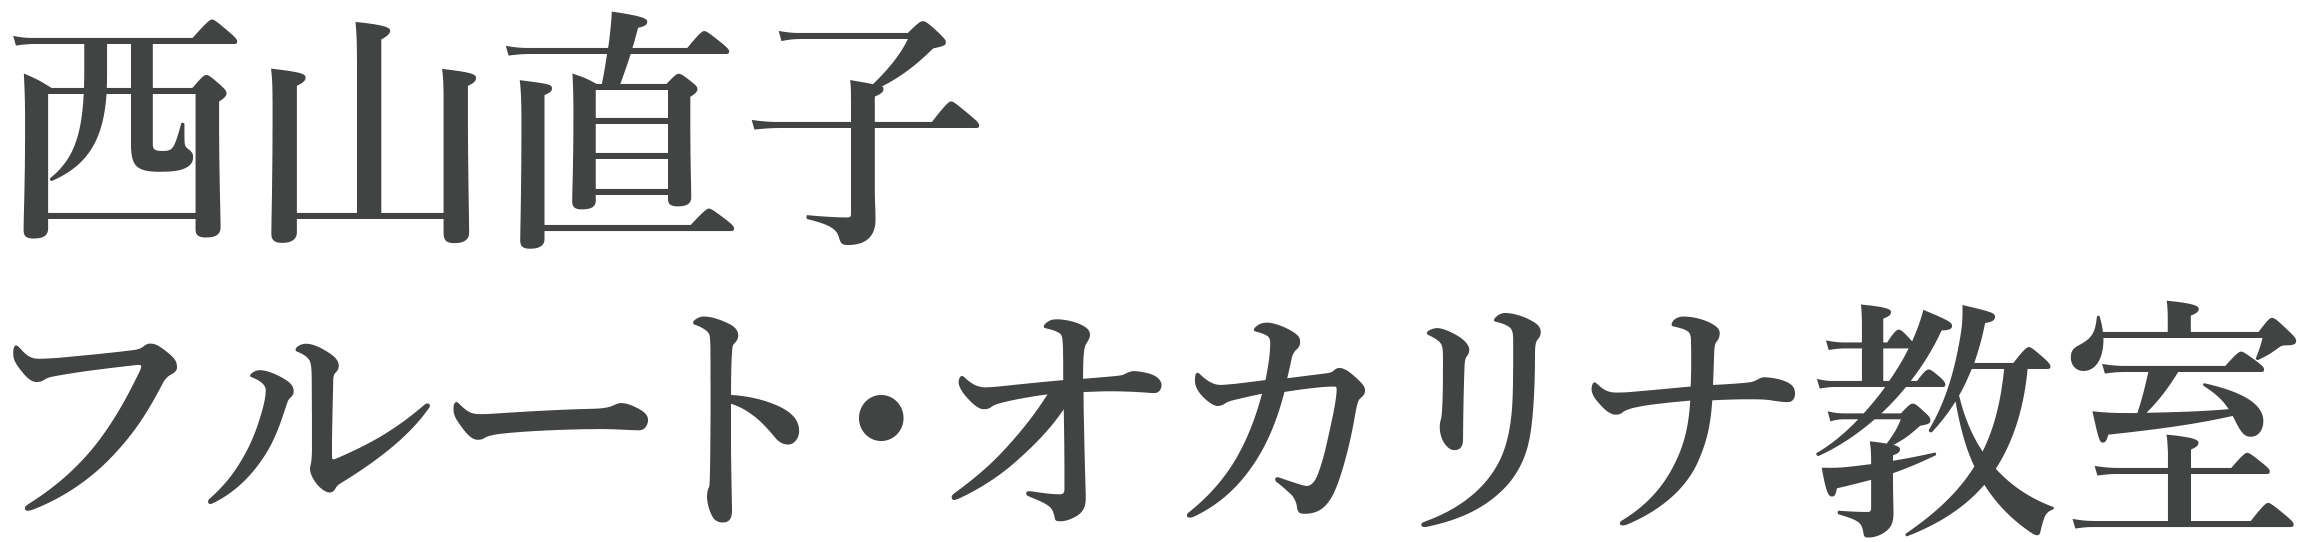 西山直子フルート・オカリナ教室 新潟市東区